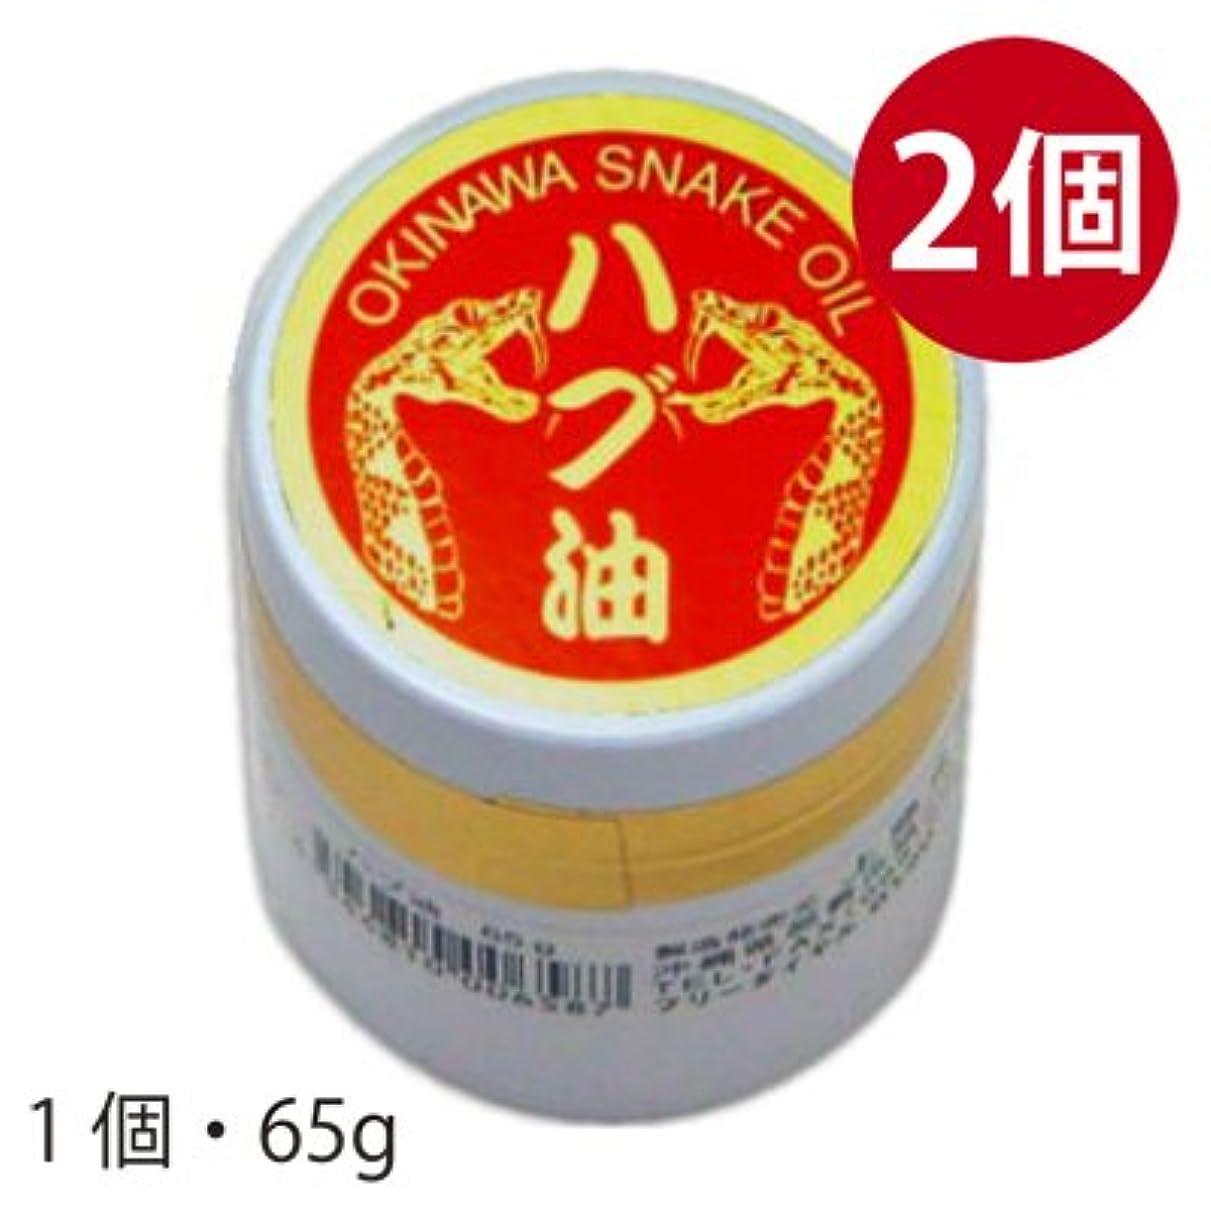 誇り聖書対抗沖縄県産 ハブ油軟膏タイプ 65g×2個